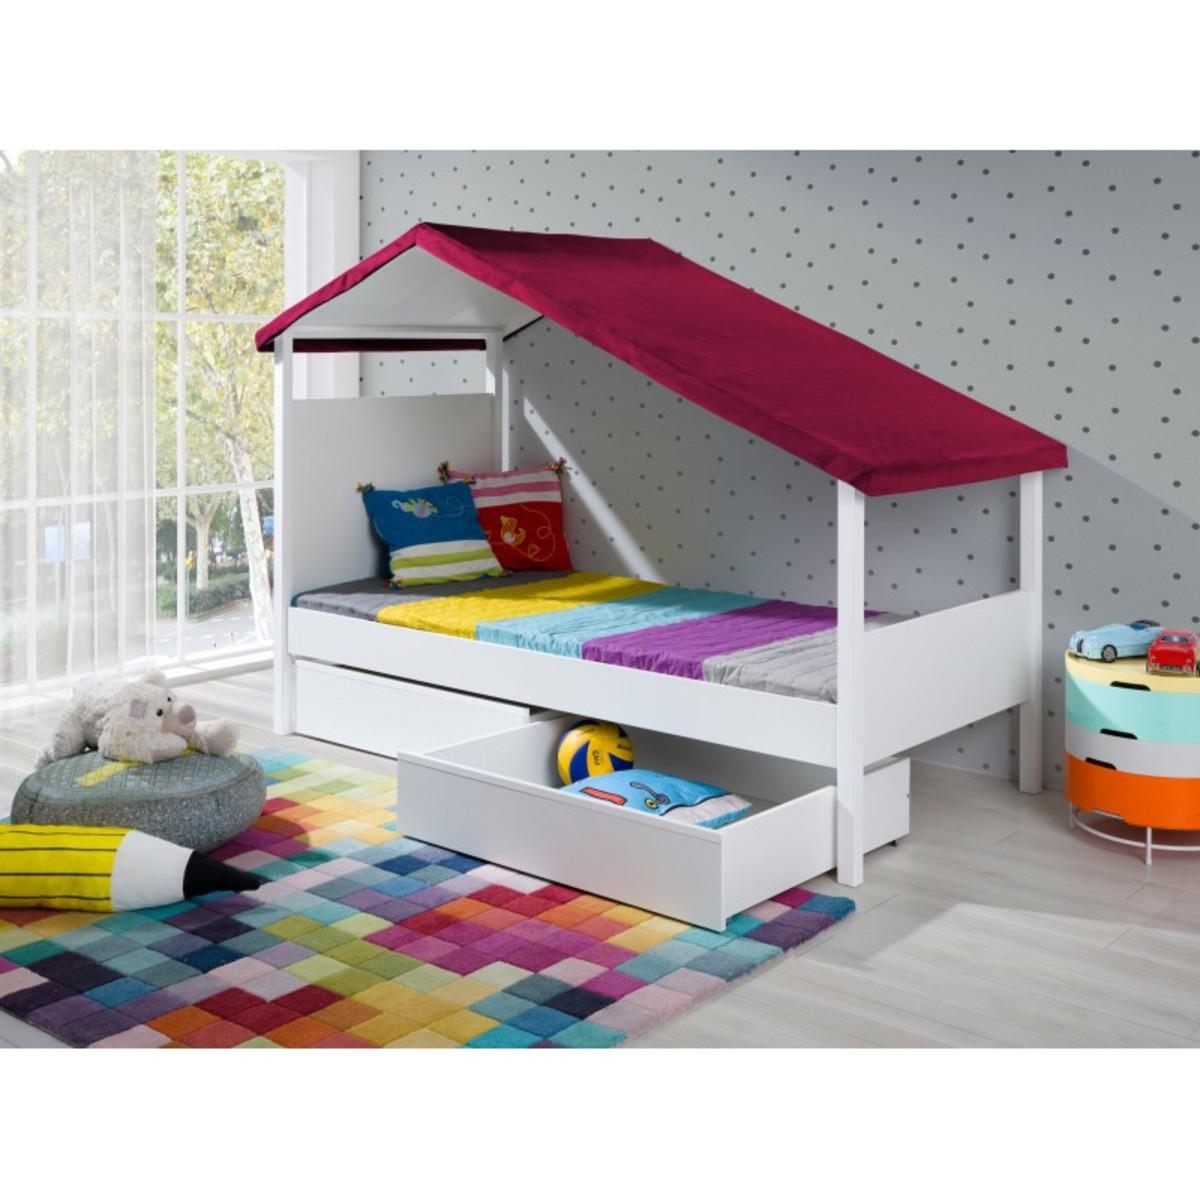 Detská posteľ Ourbaby 180x80 cm